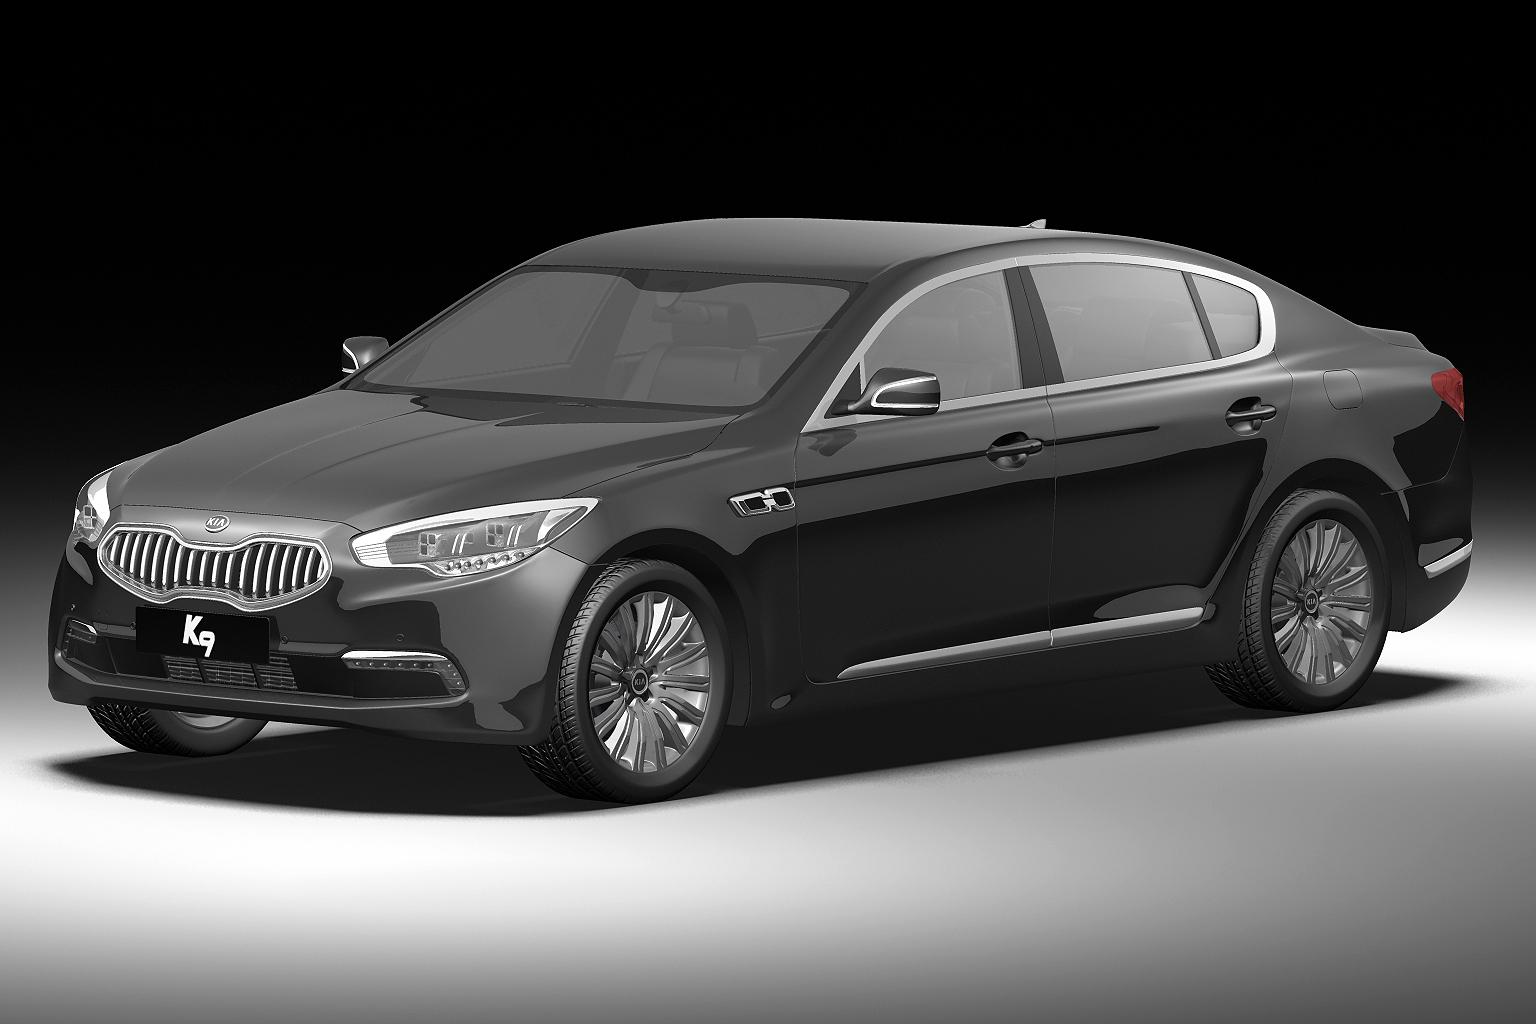 2012 kia k9 3d model 3ds max fbx c4d lwo hrc xsi obj